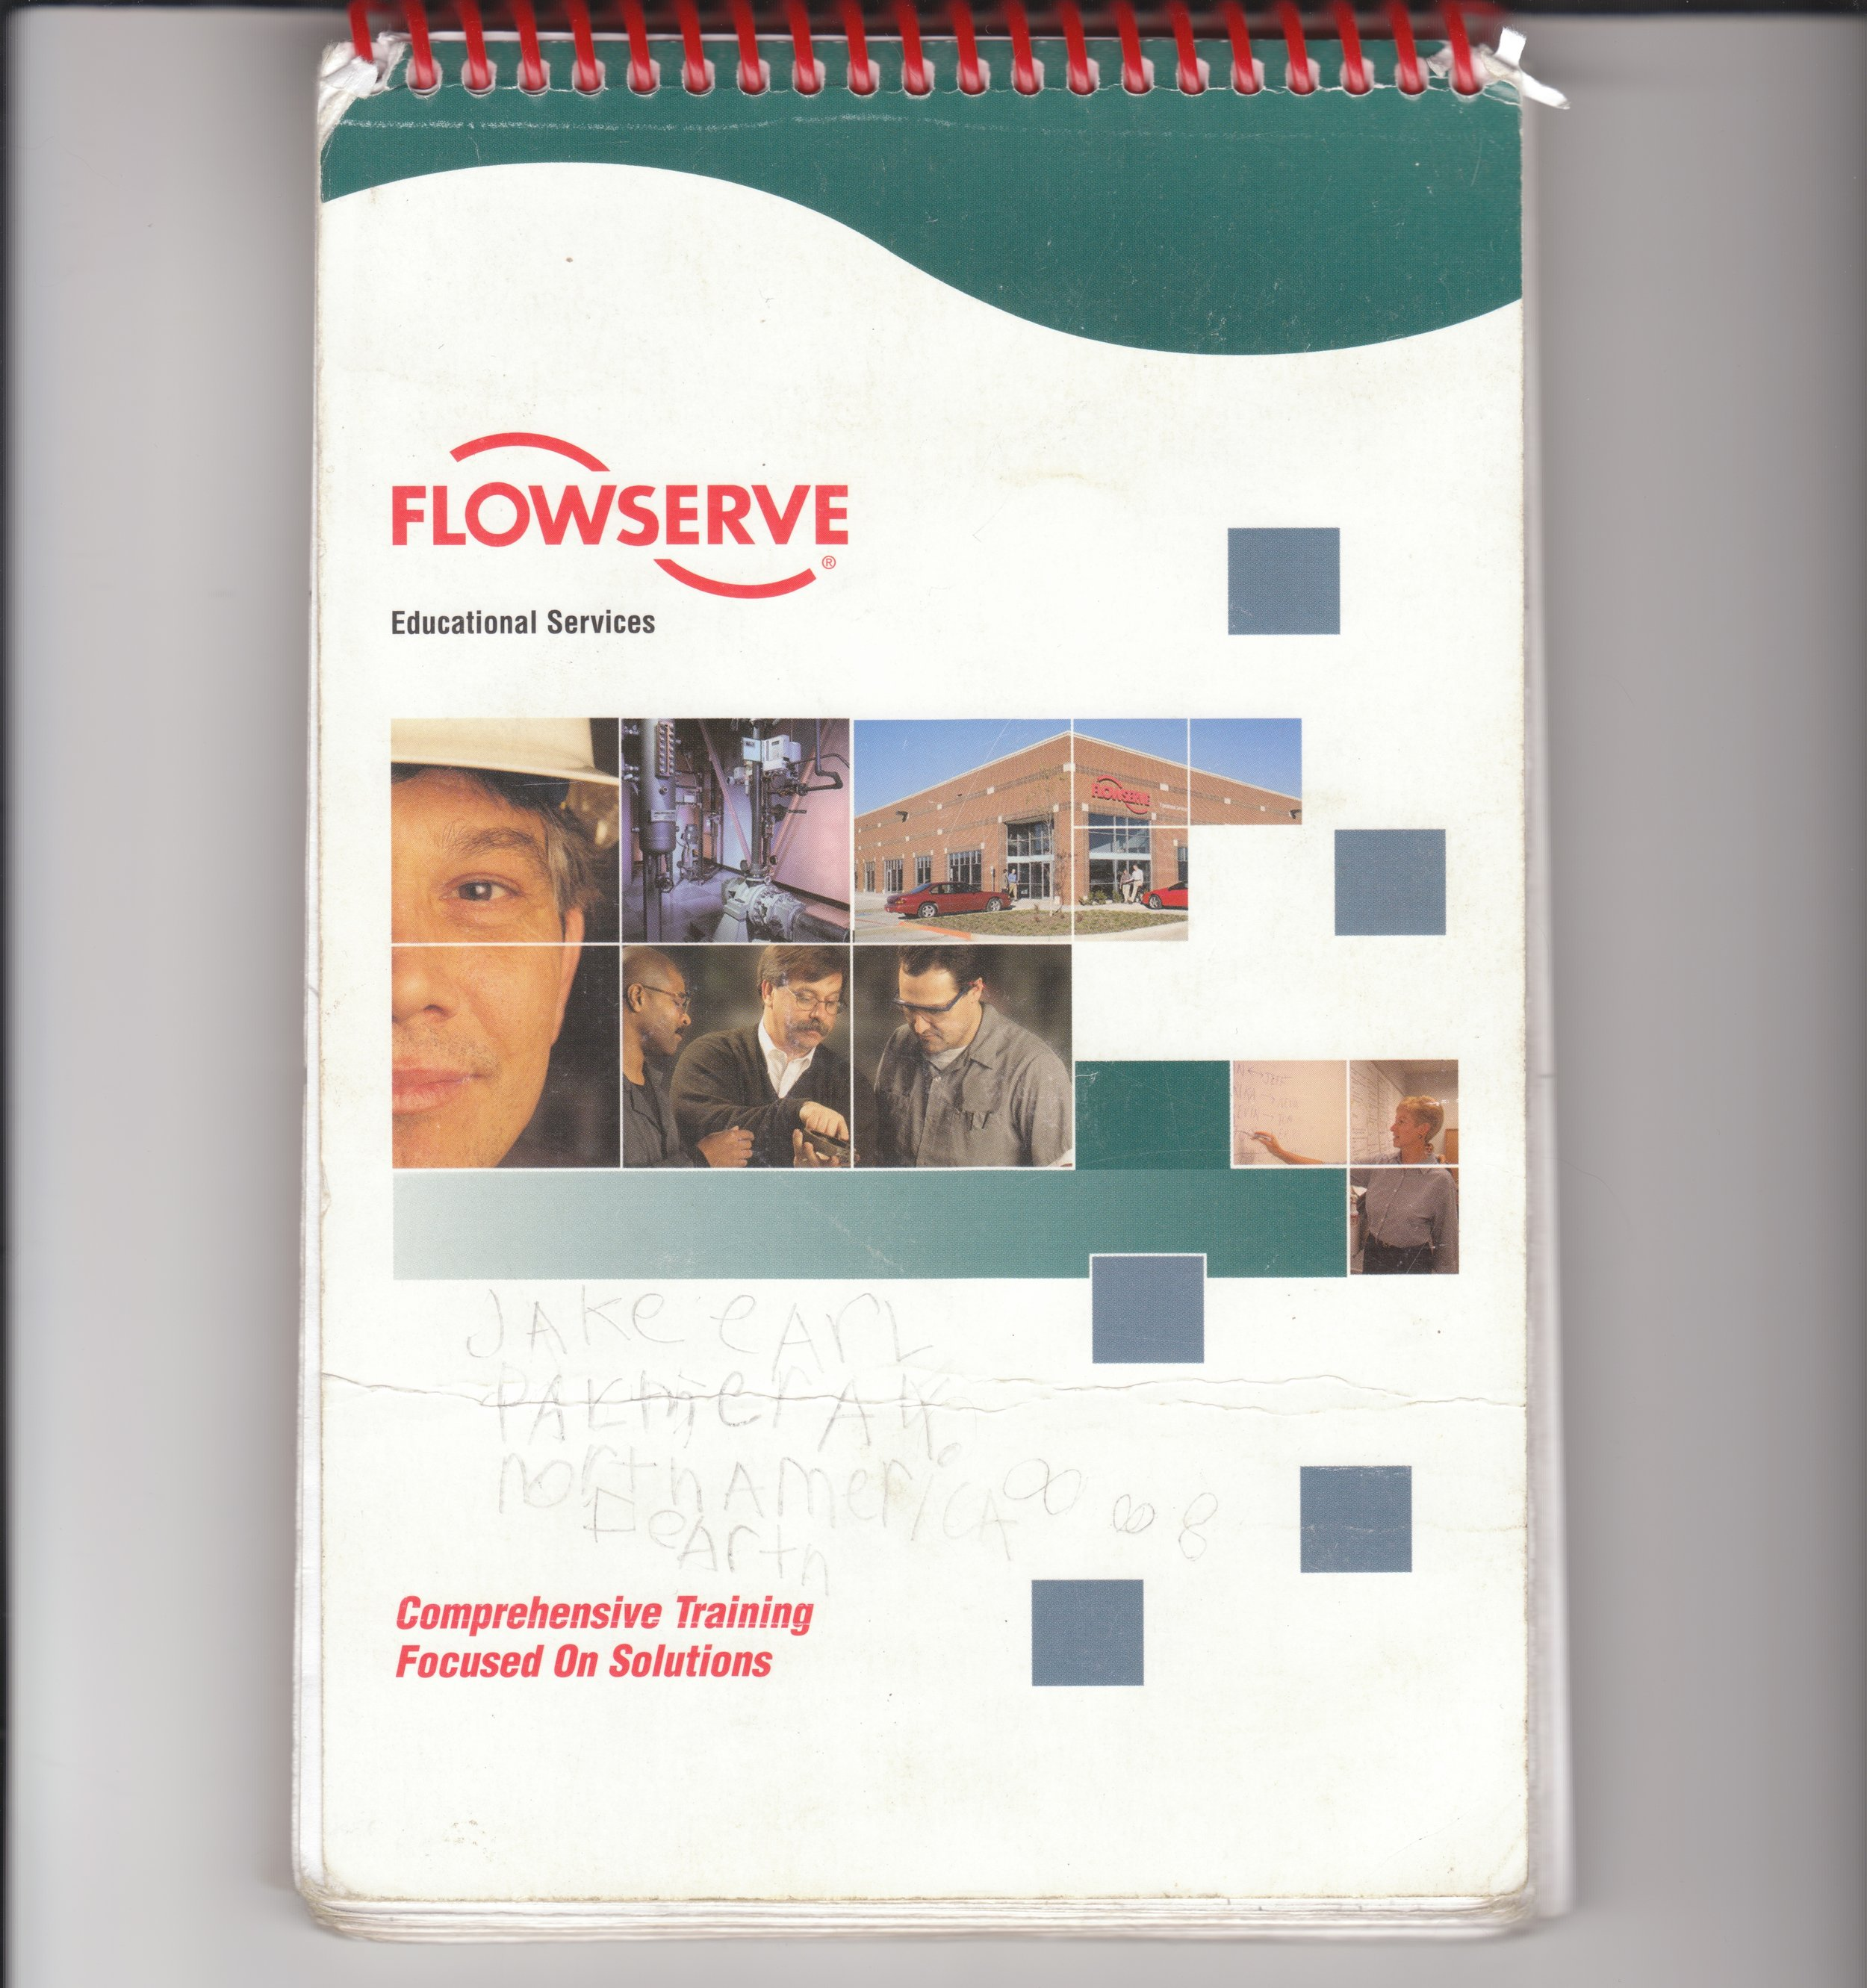 Flowserve (undated, c. 2003, 2004)